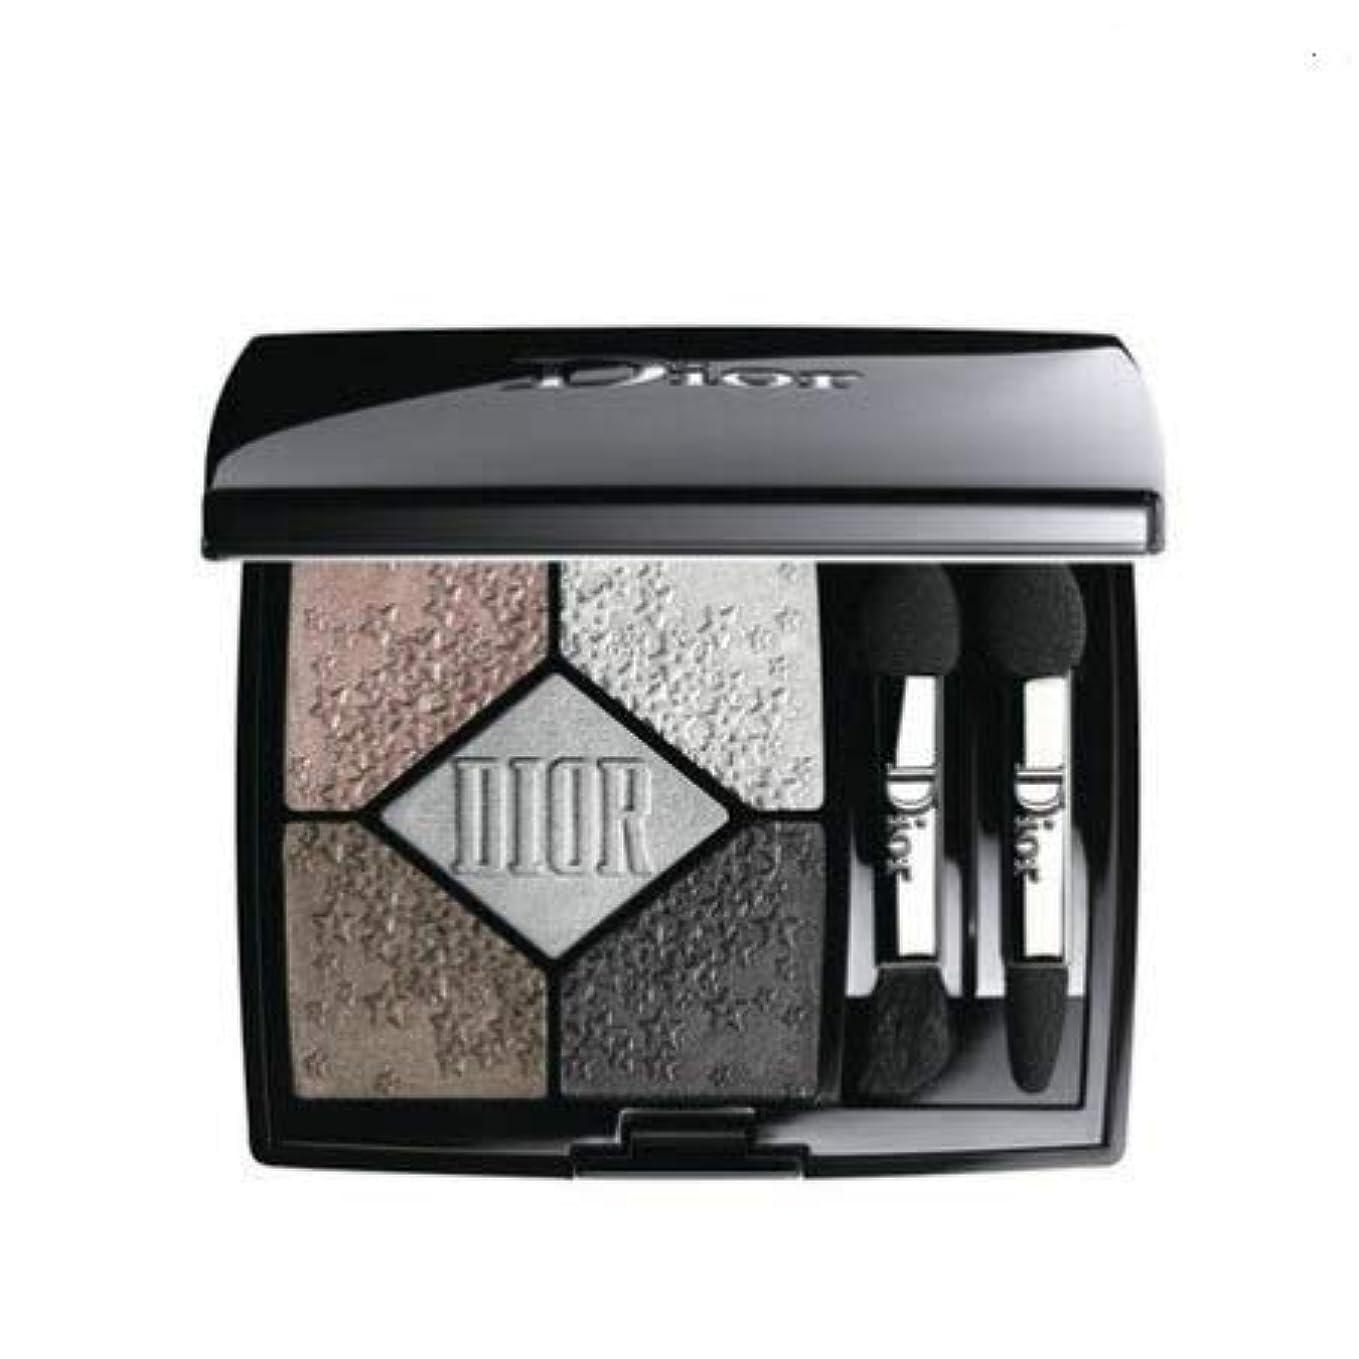 手段特定の醸造所ディオール サンク クルール #057 ムーンライト 限定色 -Dior-